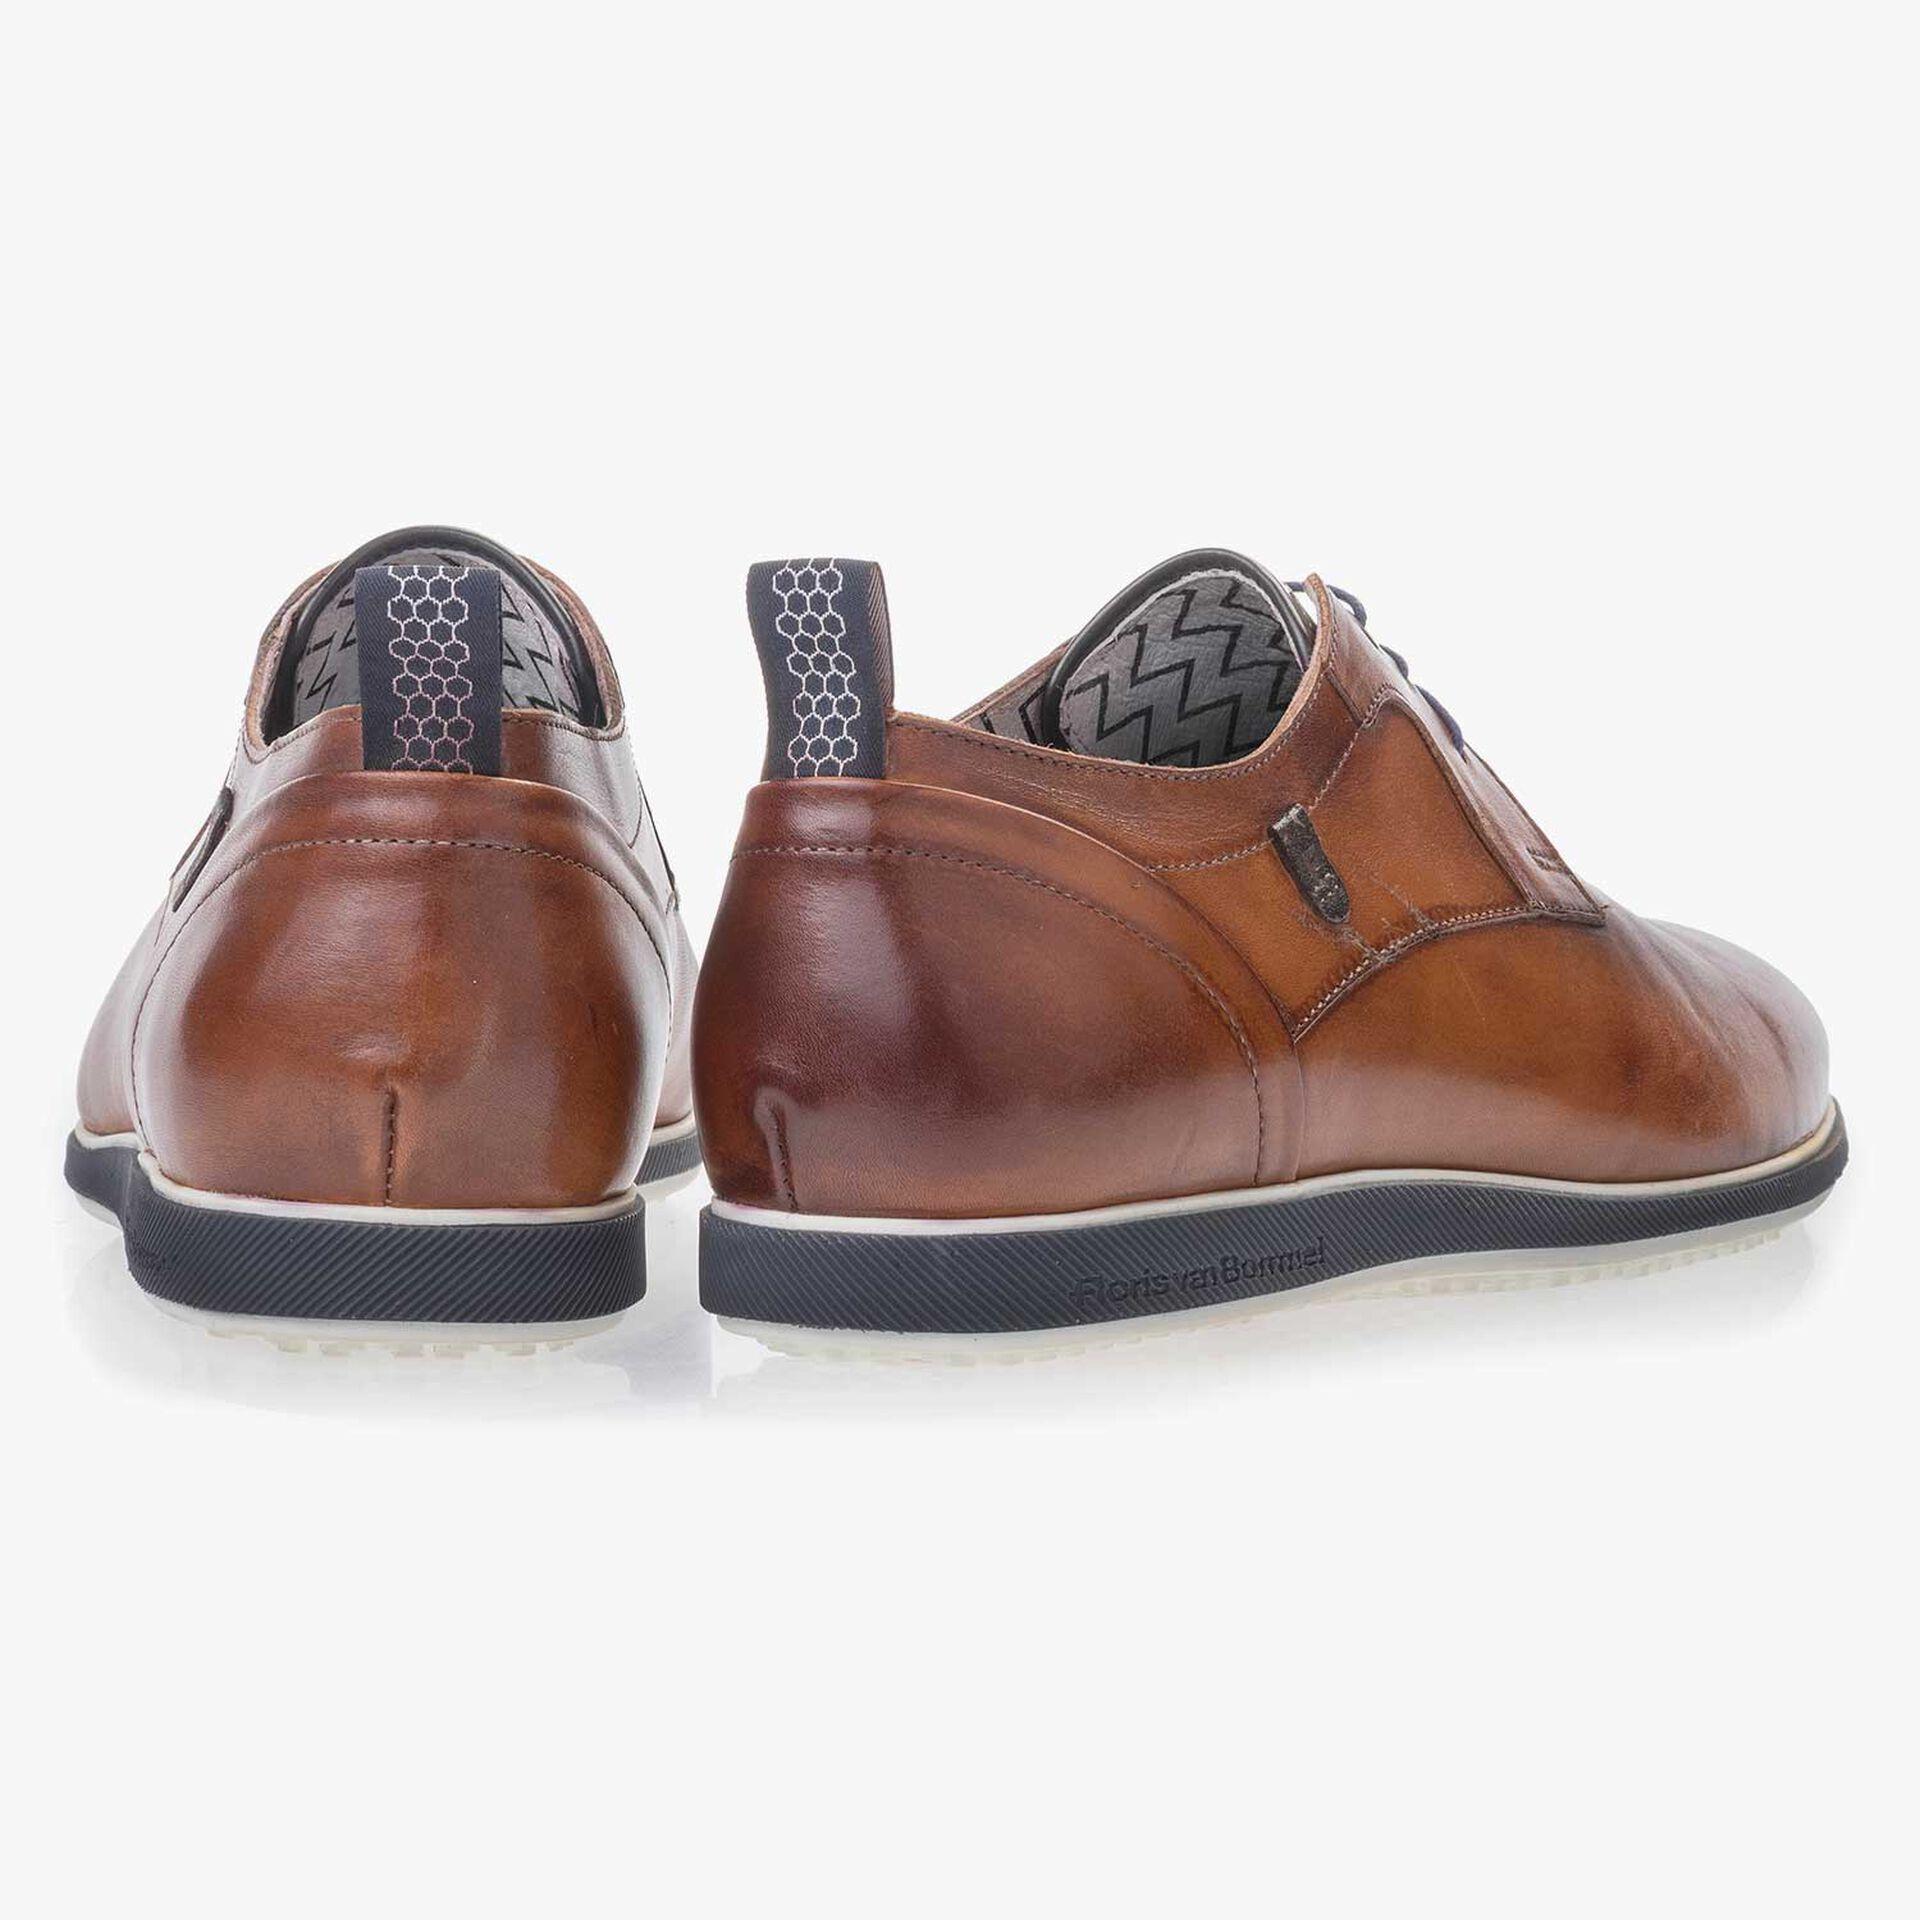 Cognac-colored leather lace shoe